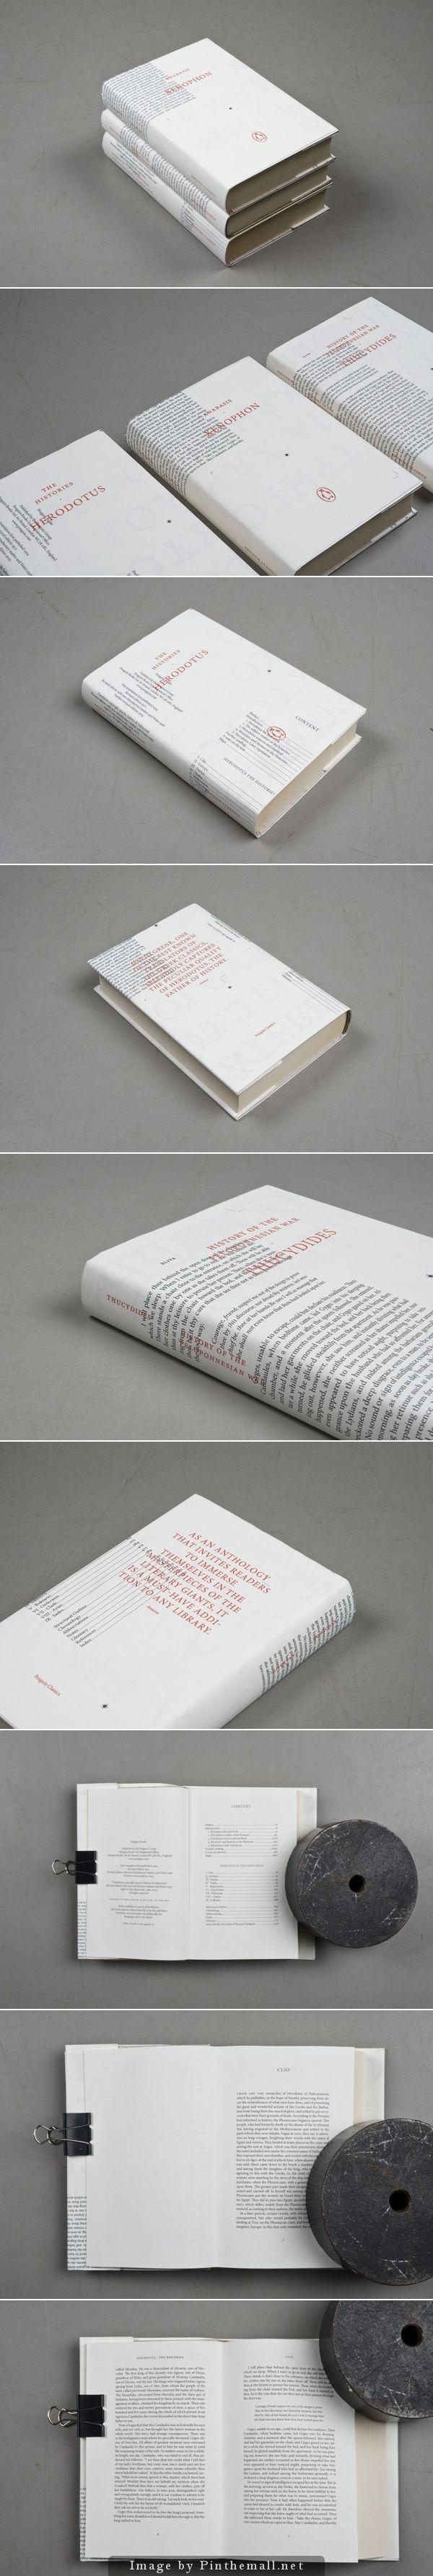 Penguin Classics by Simon Jung Krestesen